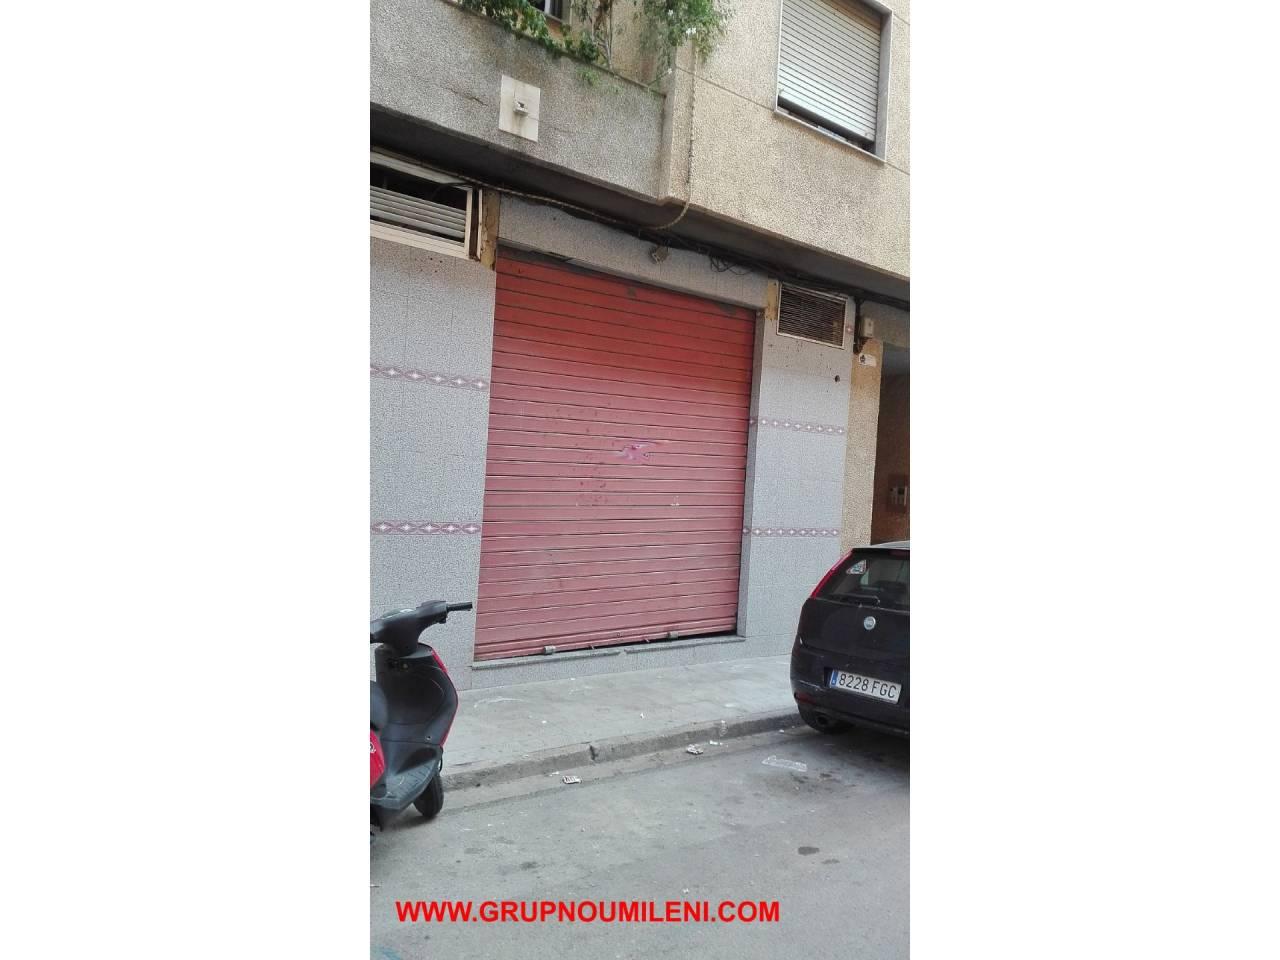 Local commercial  Calle concepcion arenal. Superficie total 115 m², local superficie útil 106 m², estado co